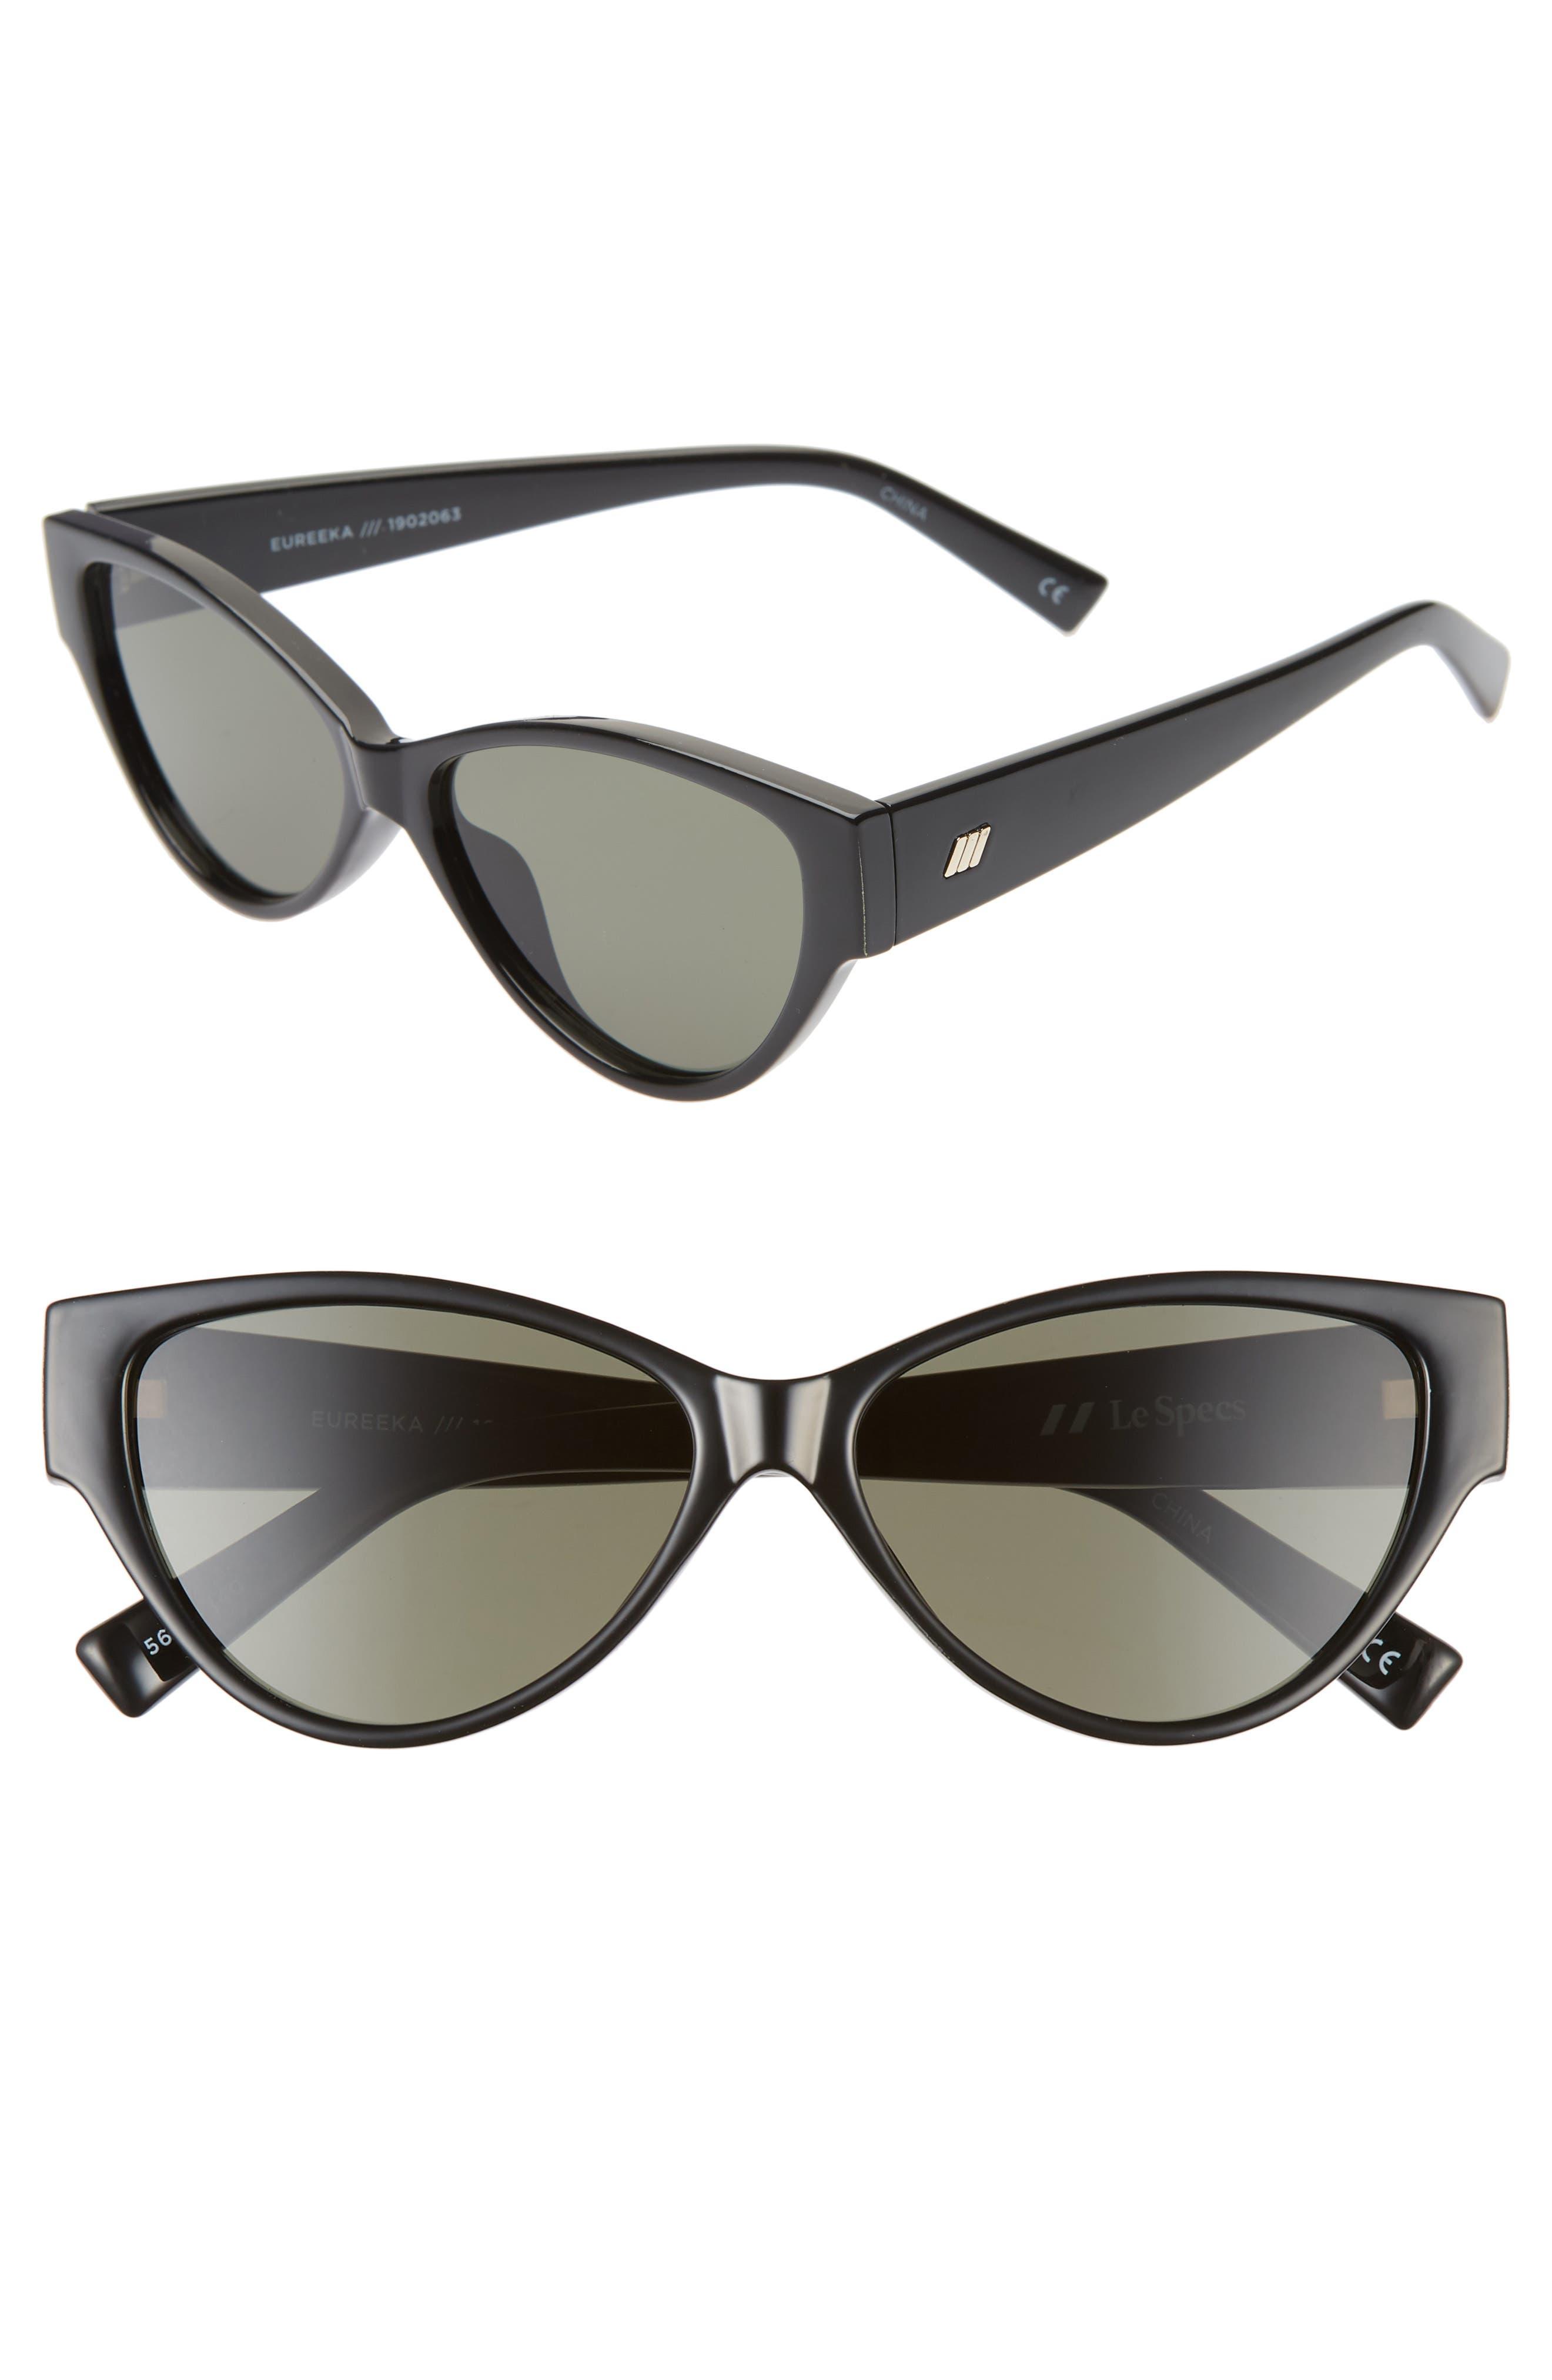 Le Specs Eureka 5m Cat Eye Sunglasses - Black/ Khaki